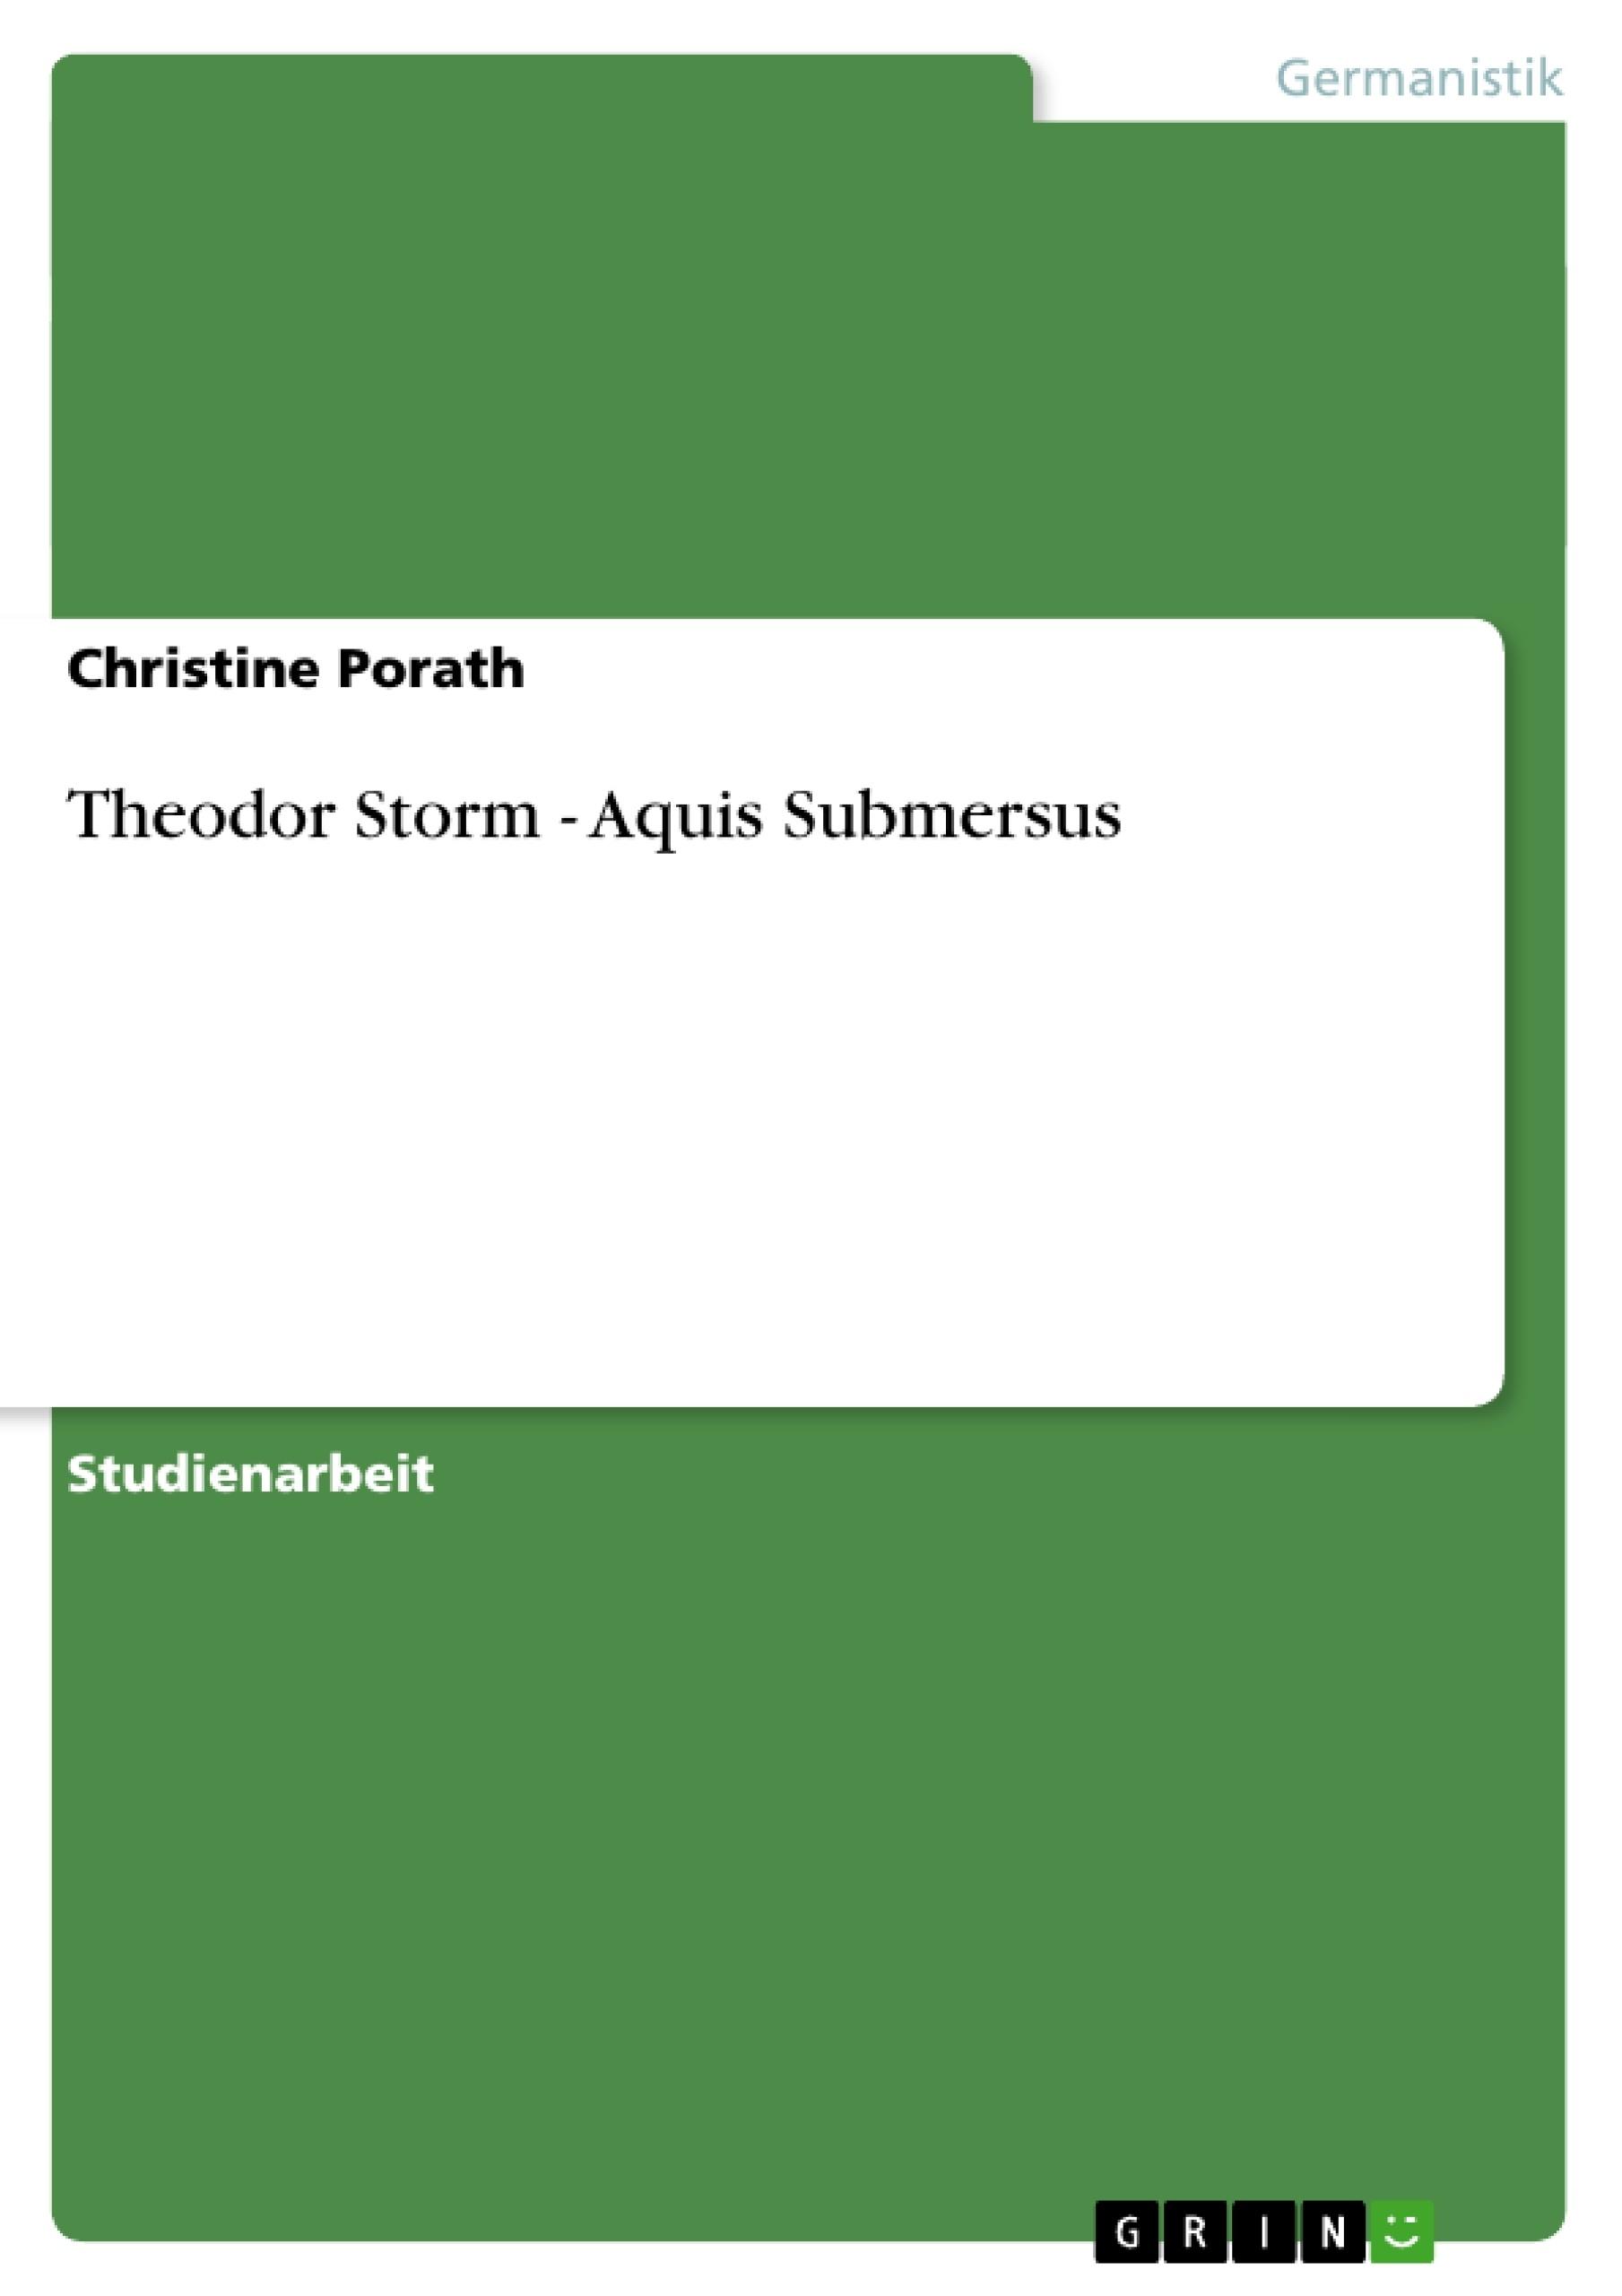 Titel: Theodor Storm - Aquis Submersus